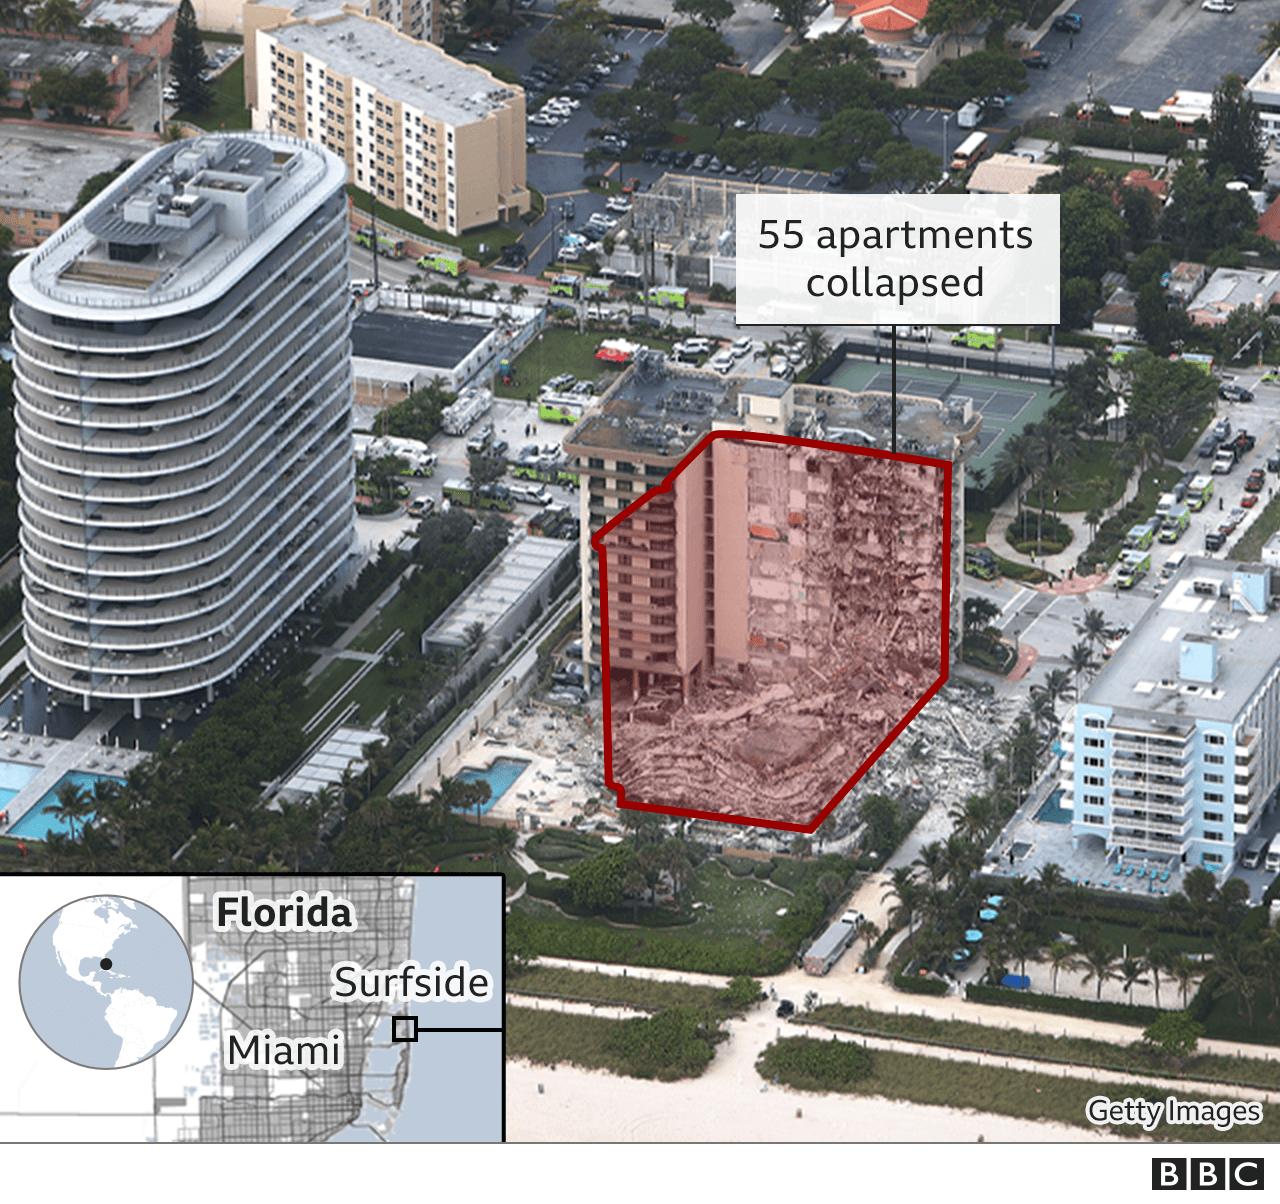 Miami map